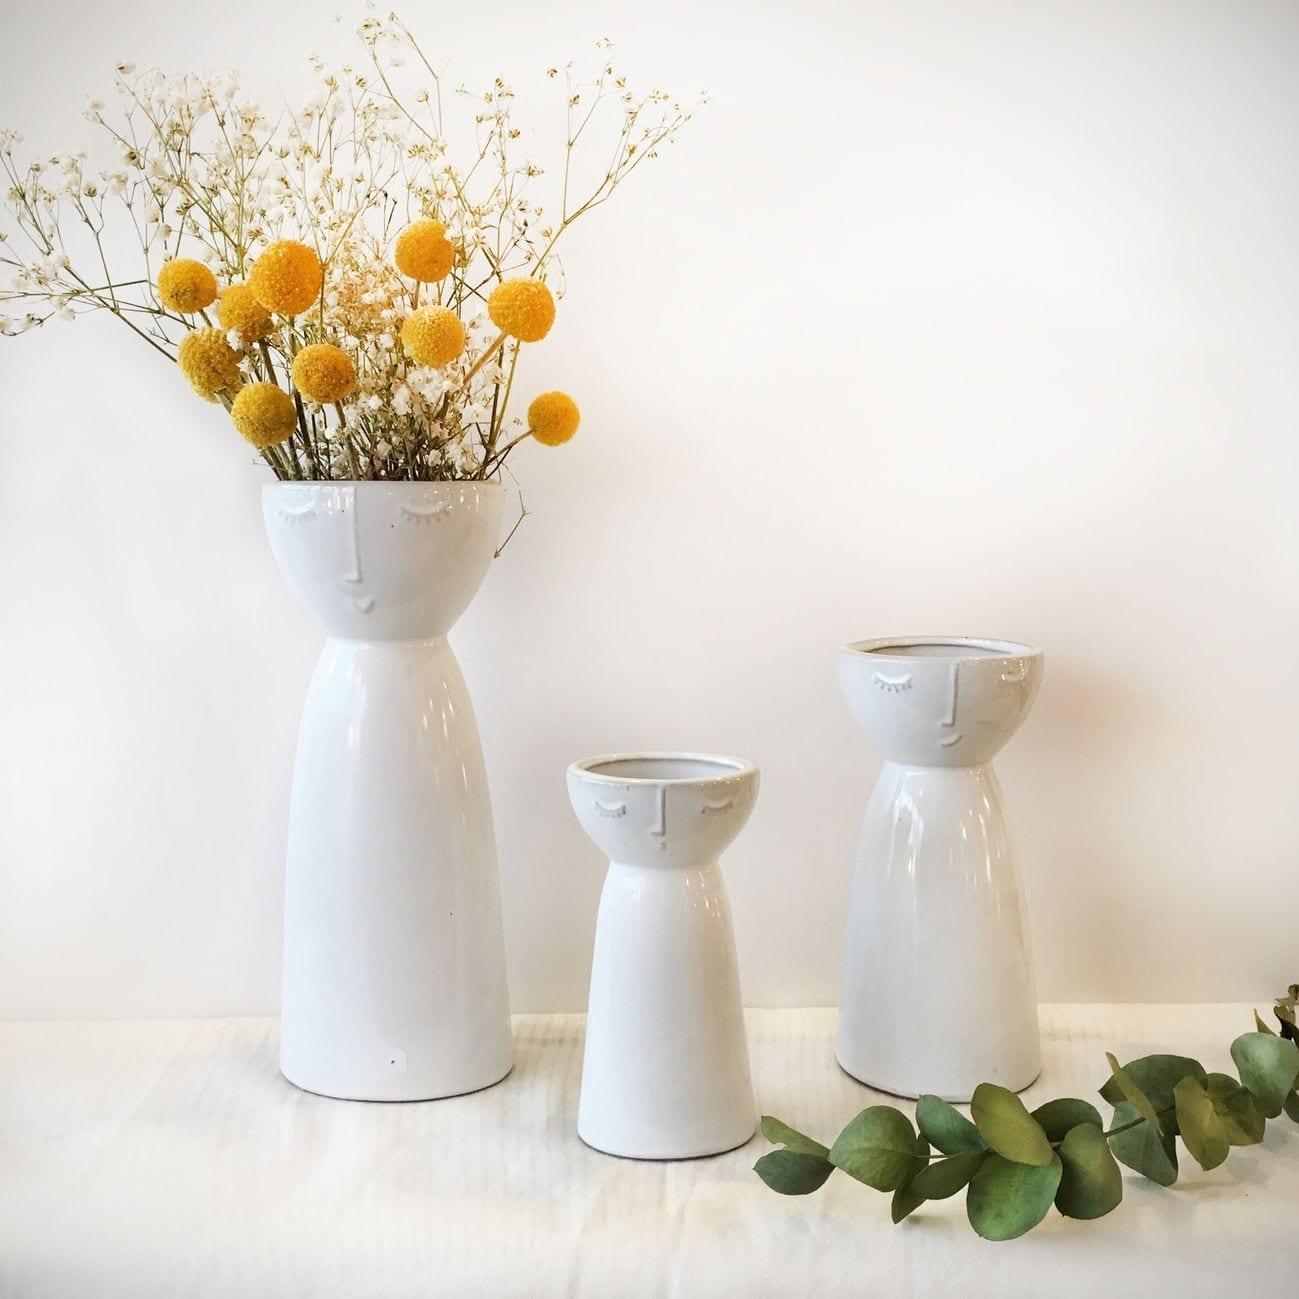 Vases visage Hübsch